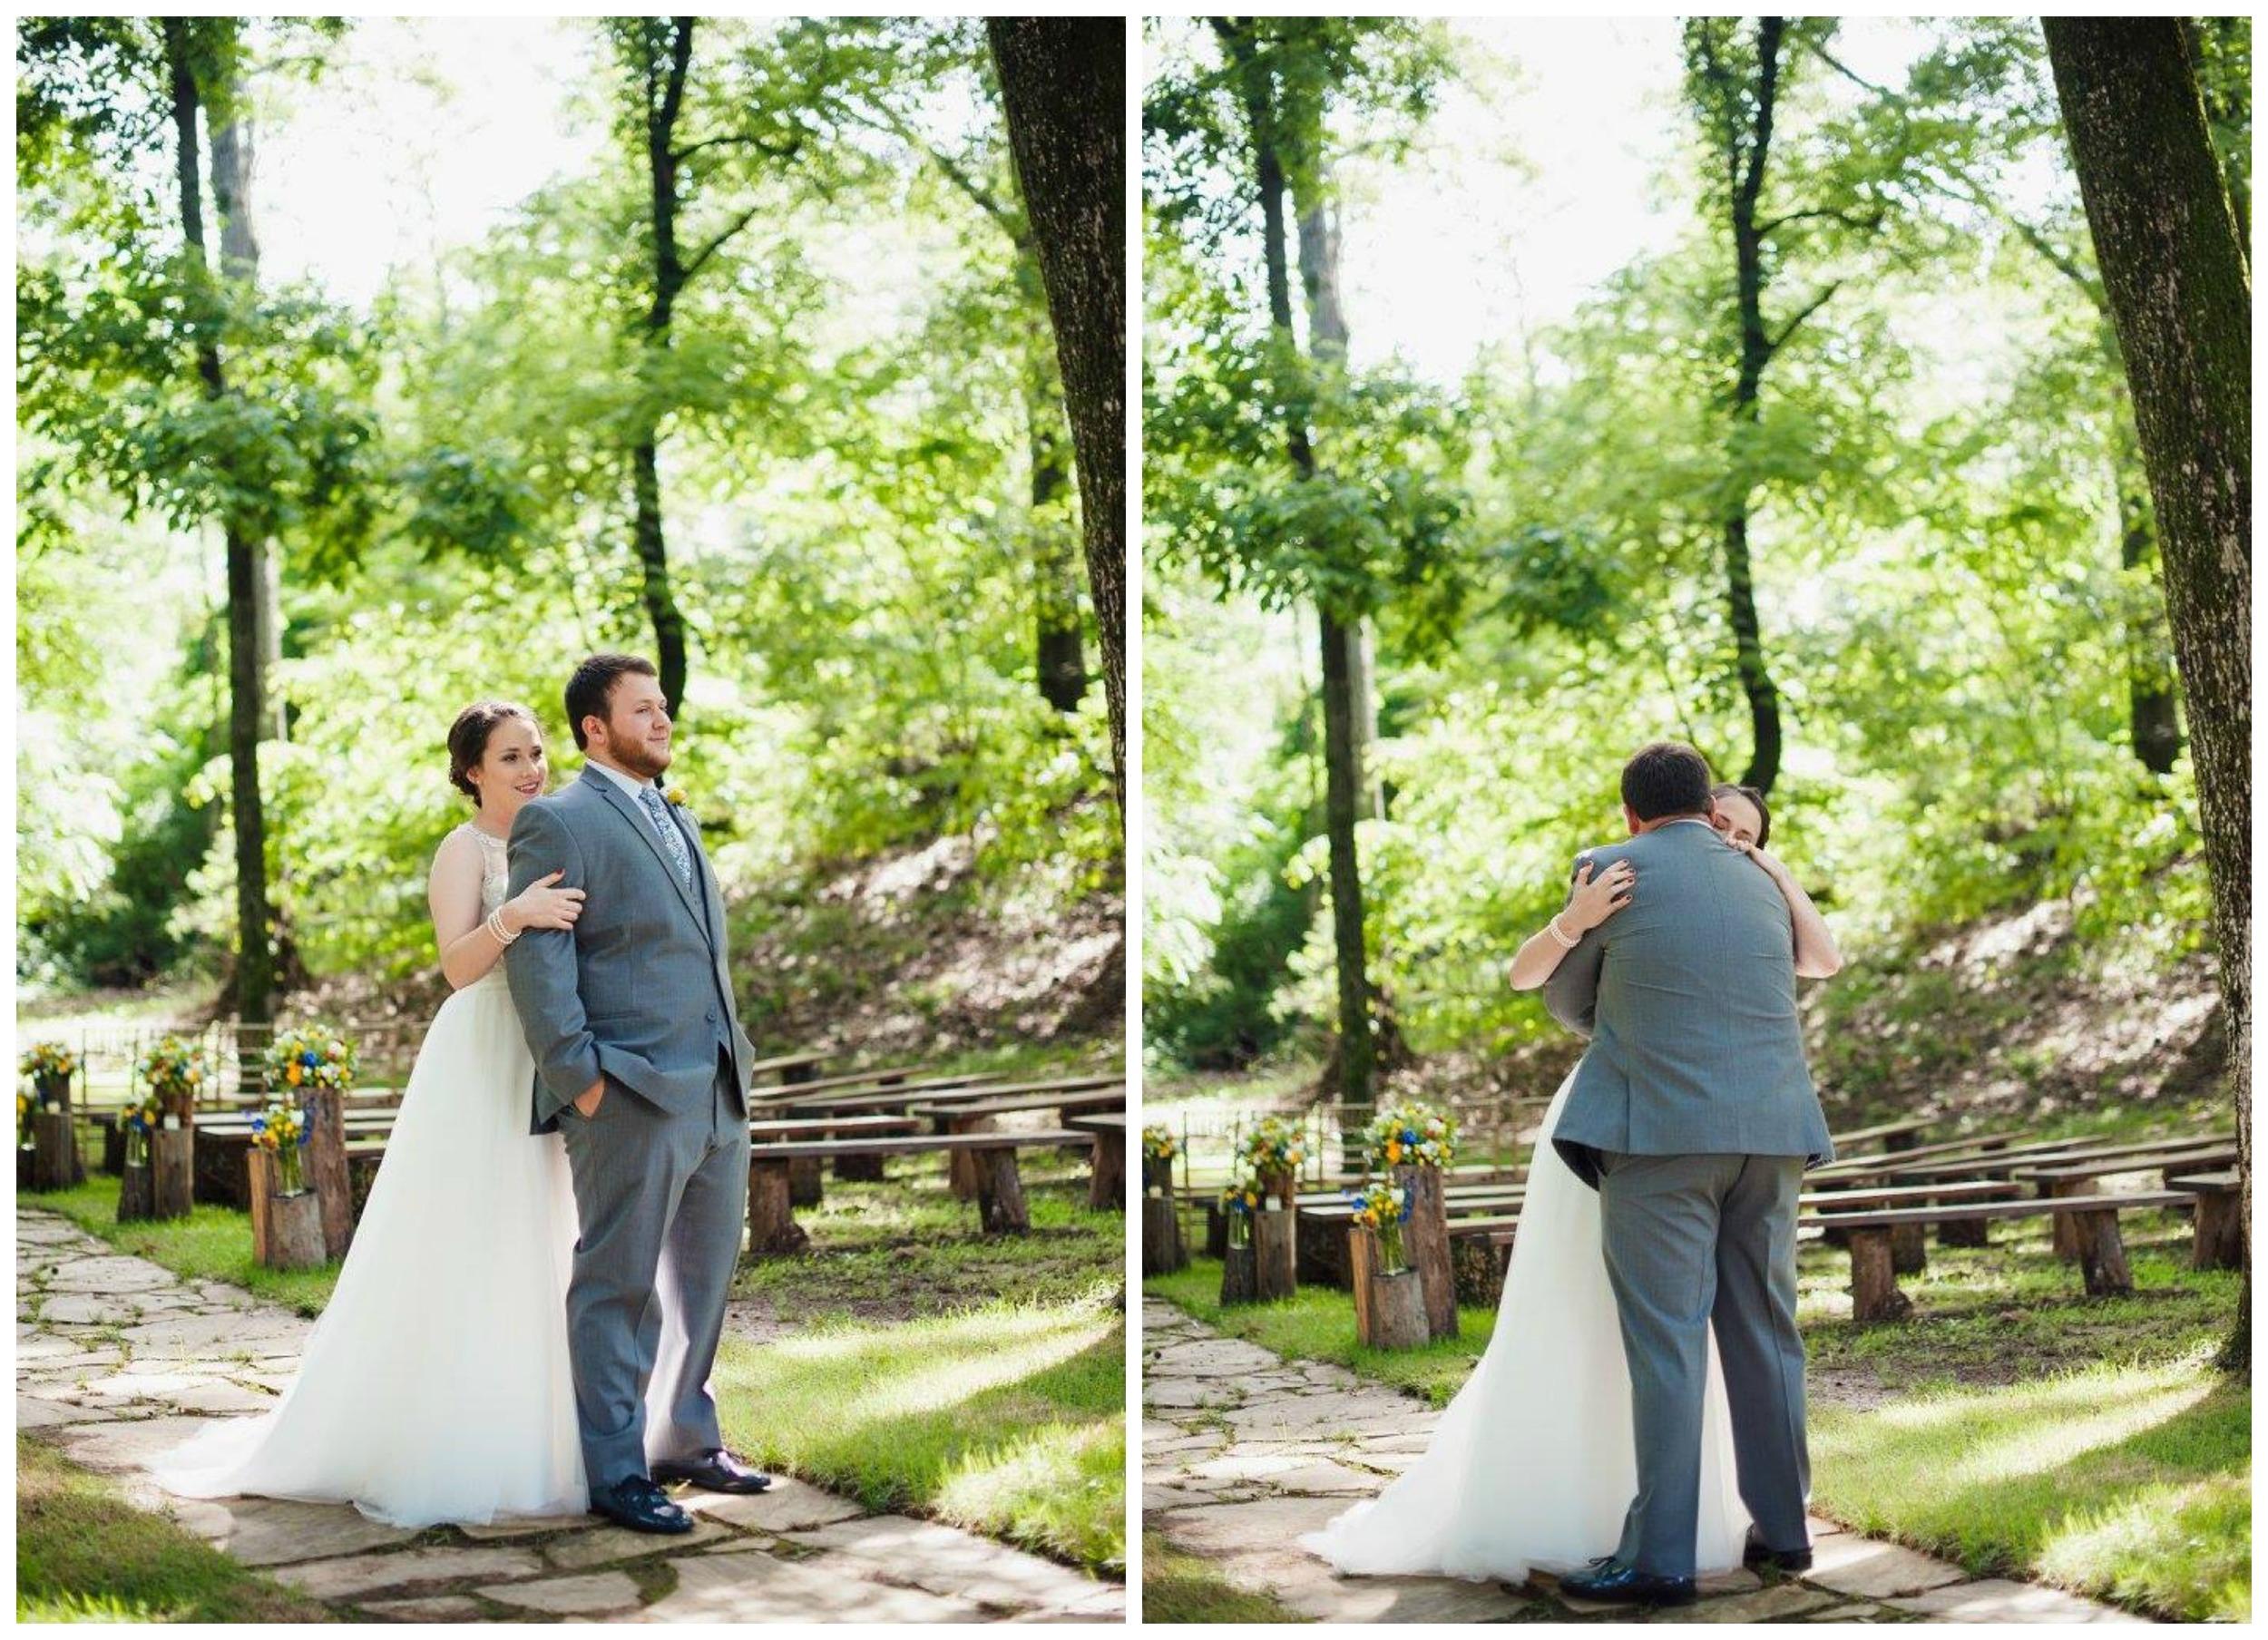 BnBauman Photography , from  Alyssa + Matt 's wedding